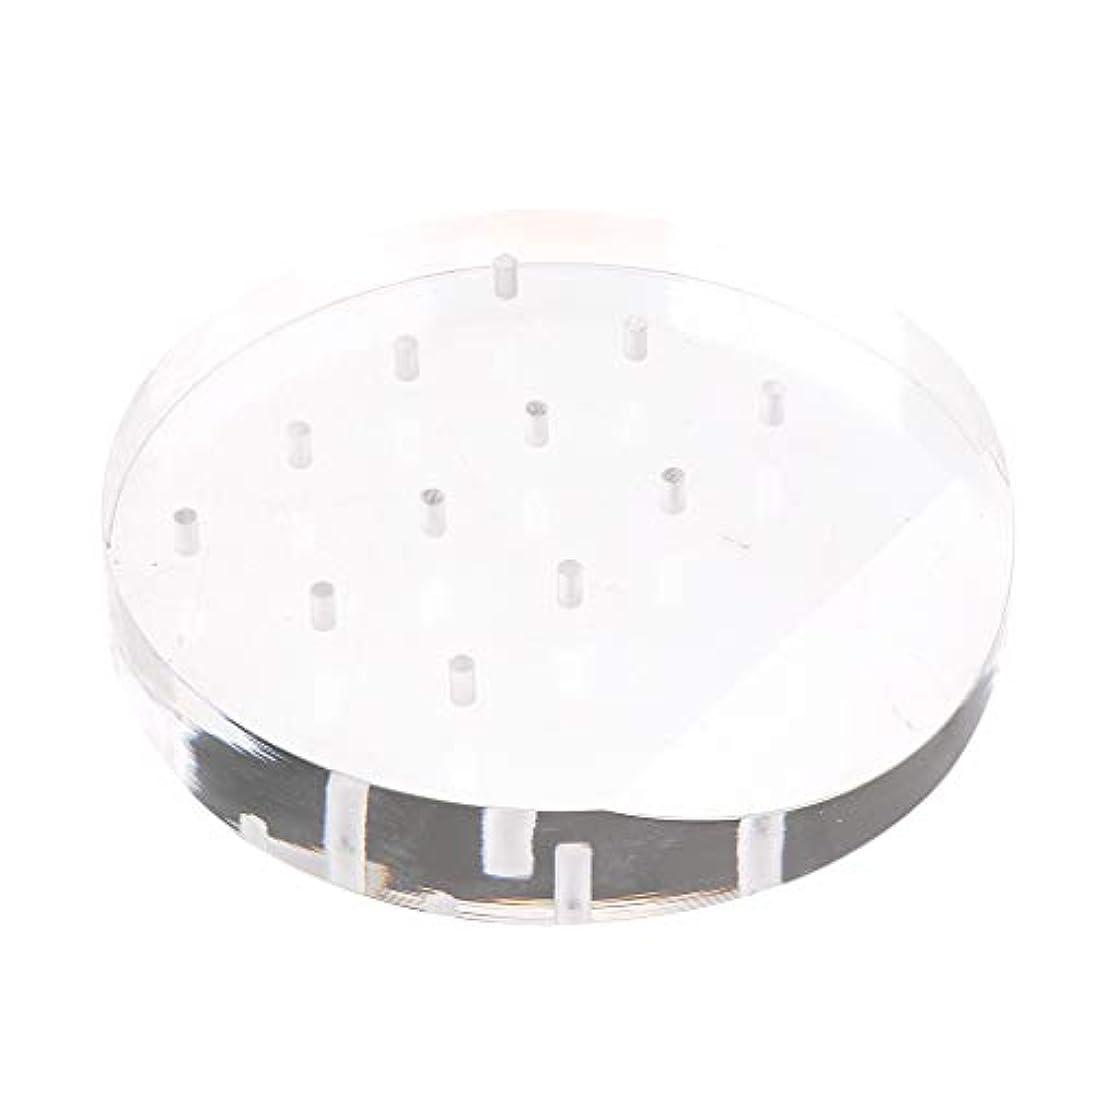 受け入れる専門細胞Toygogo アクリルネイルドリルビットディスプレイホルダー透明スタンドオーガナイザーマニキュアツール12穴